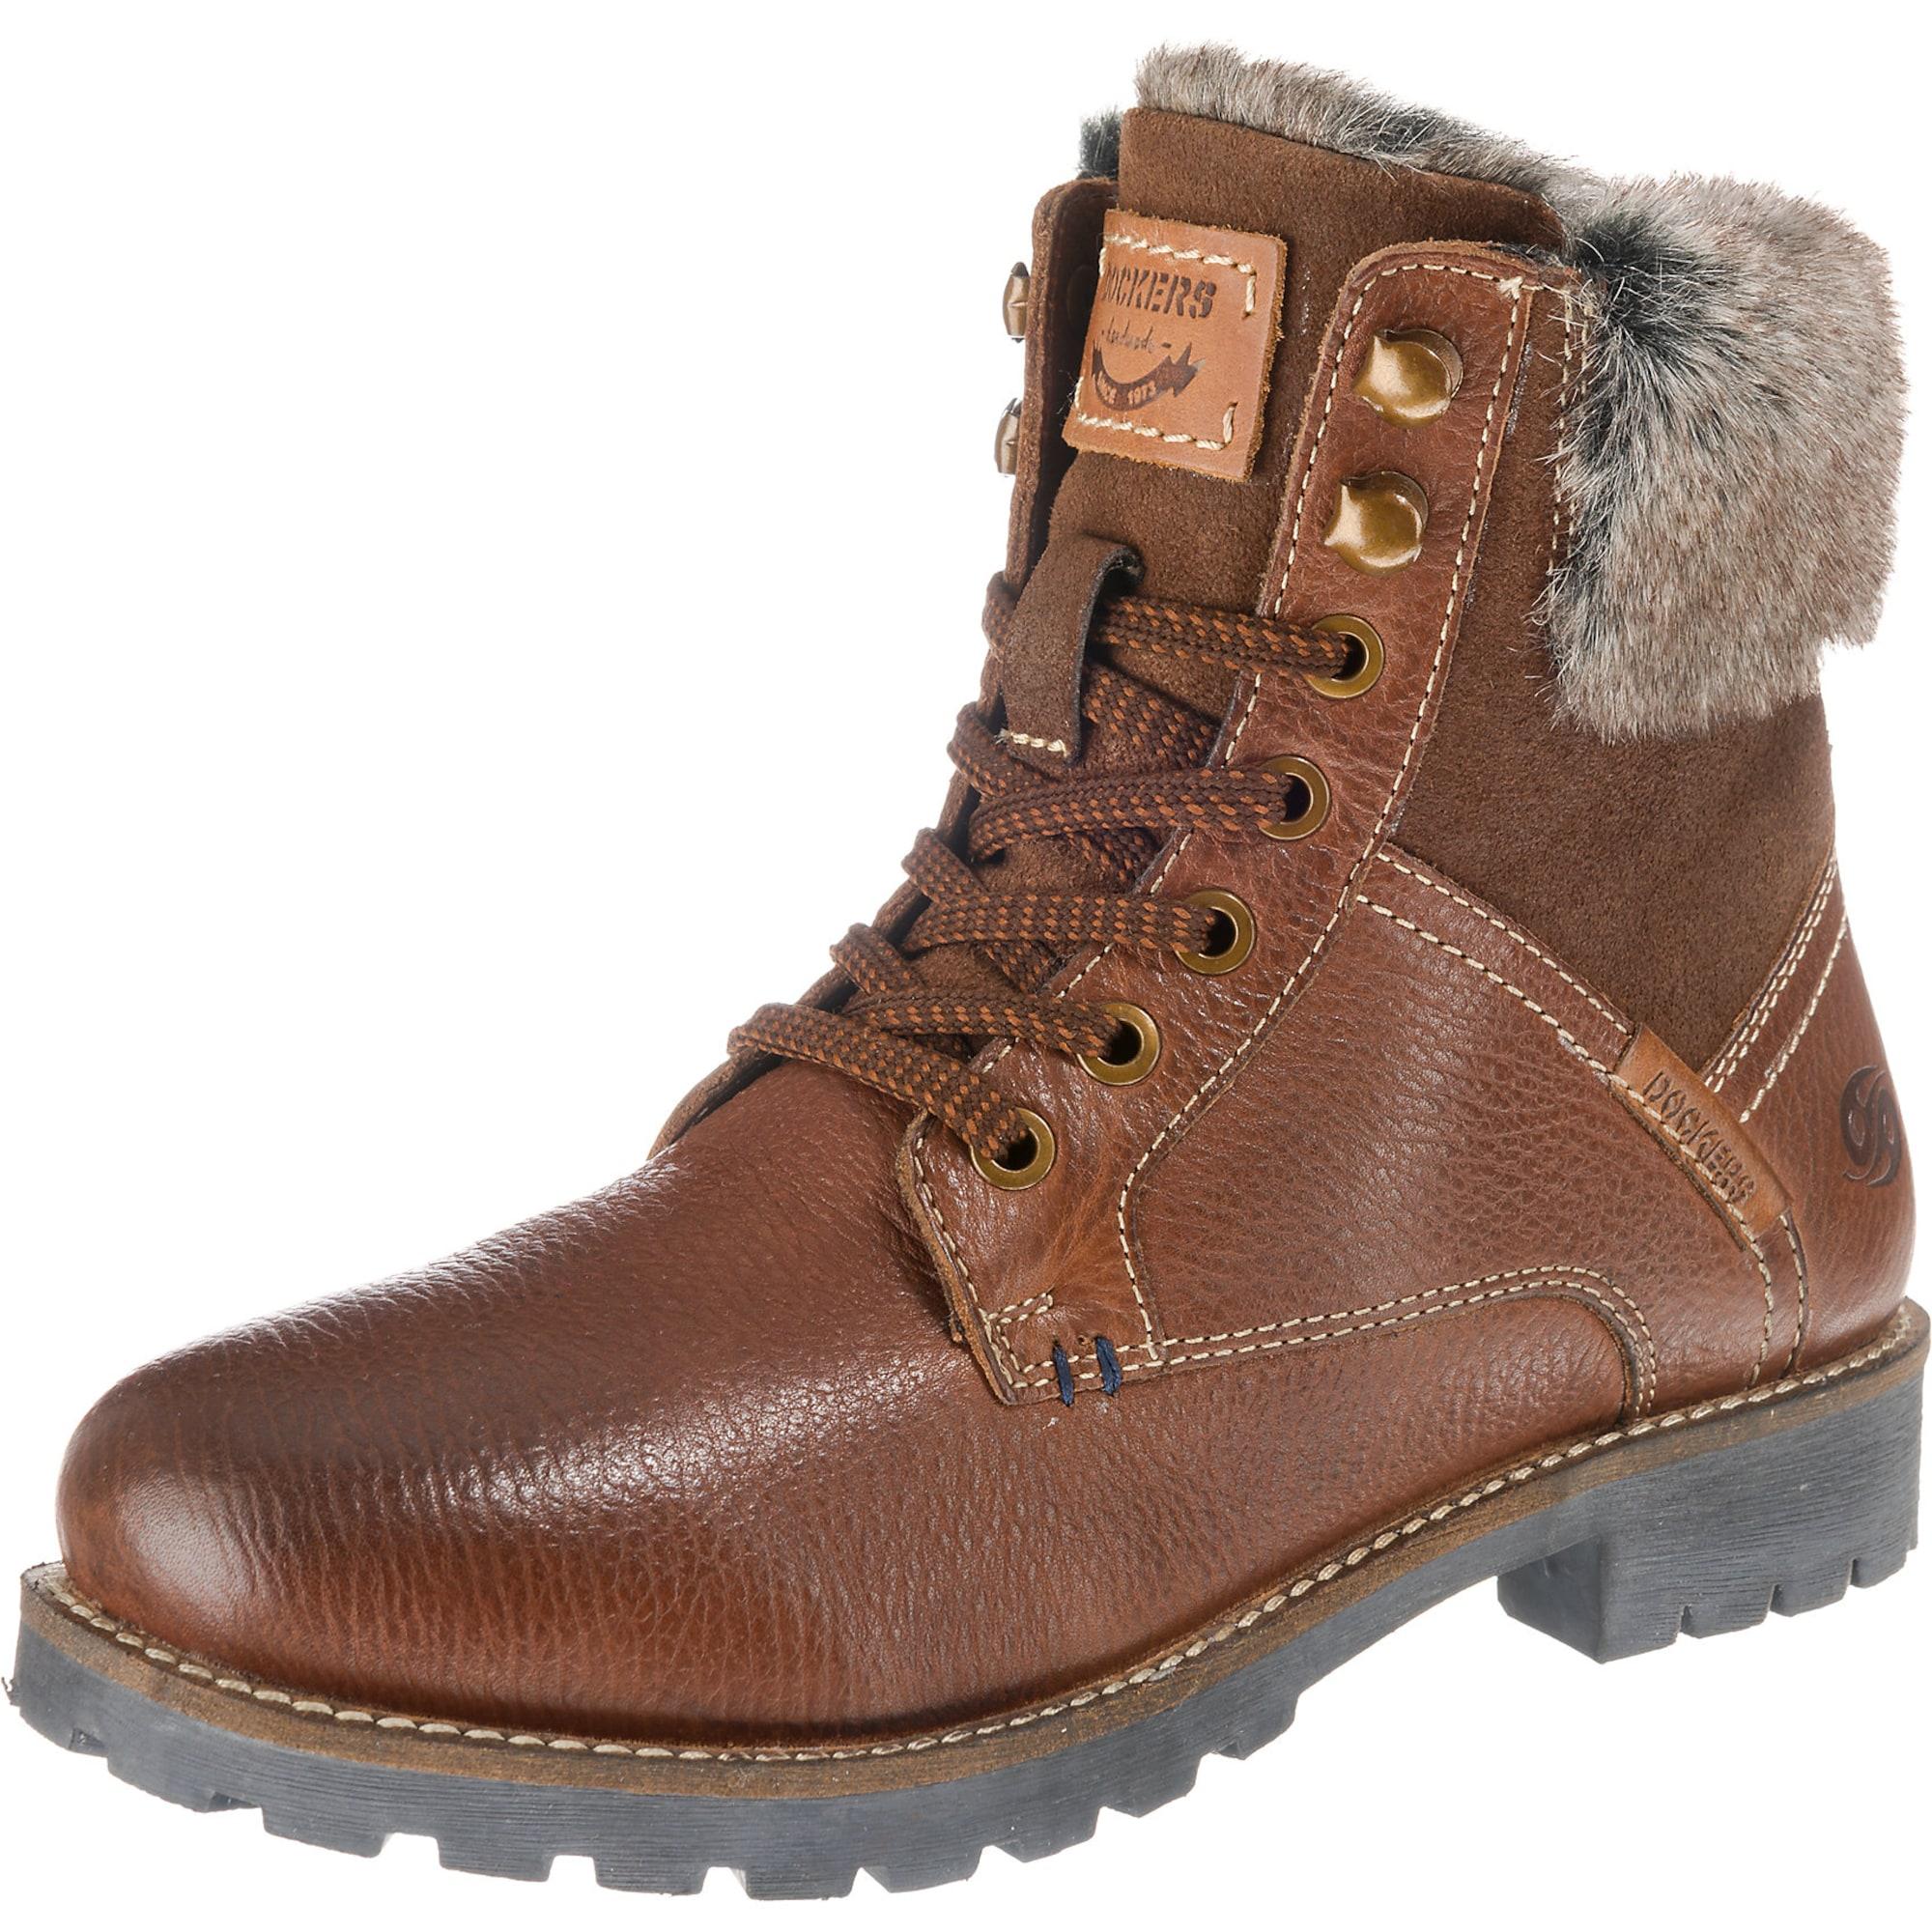 Winterstiefeletten | Schuhe > Stiefeletten > Winterstiefeletten | Braun | Dockers By Gerli